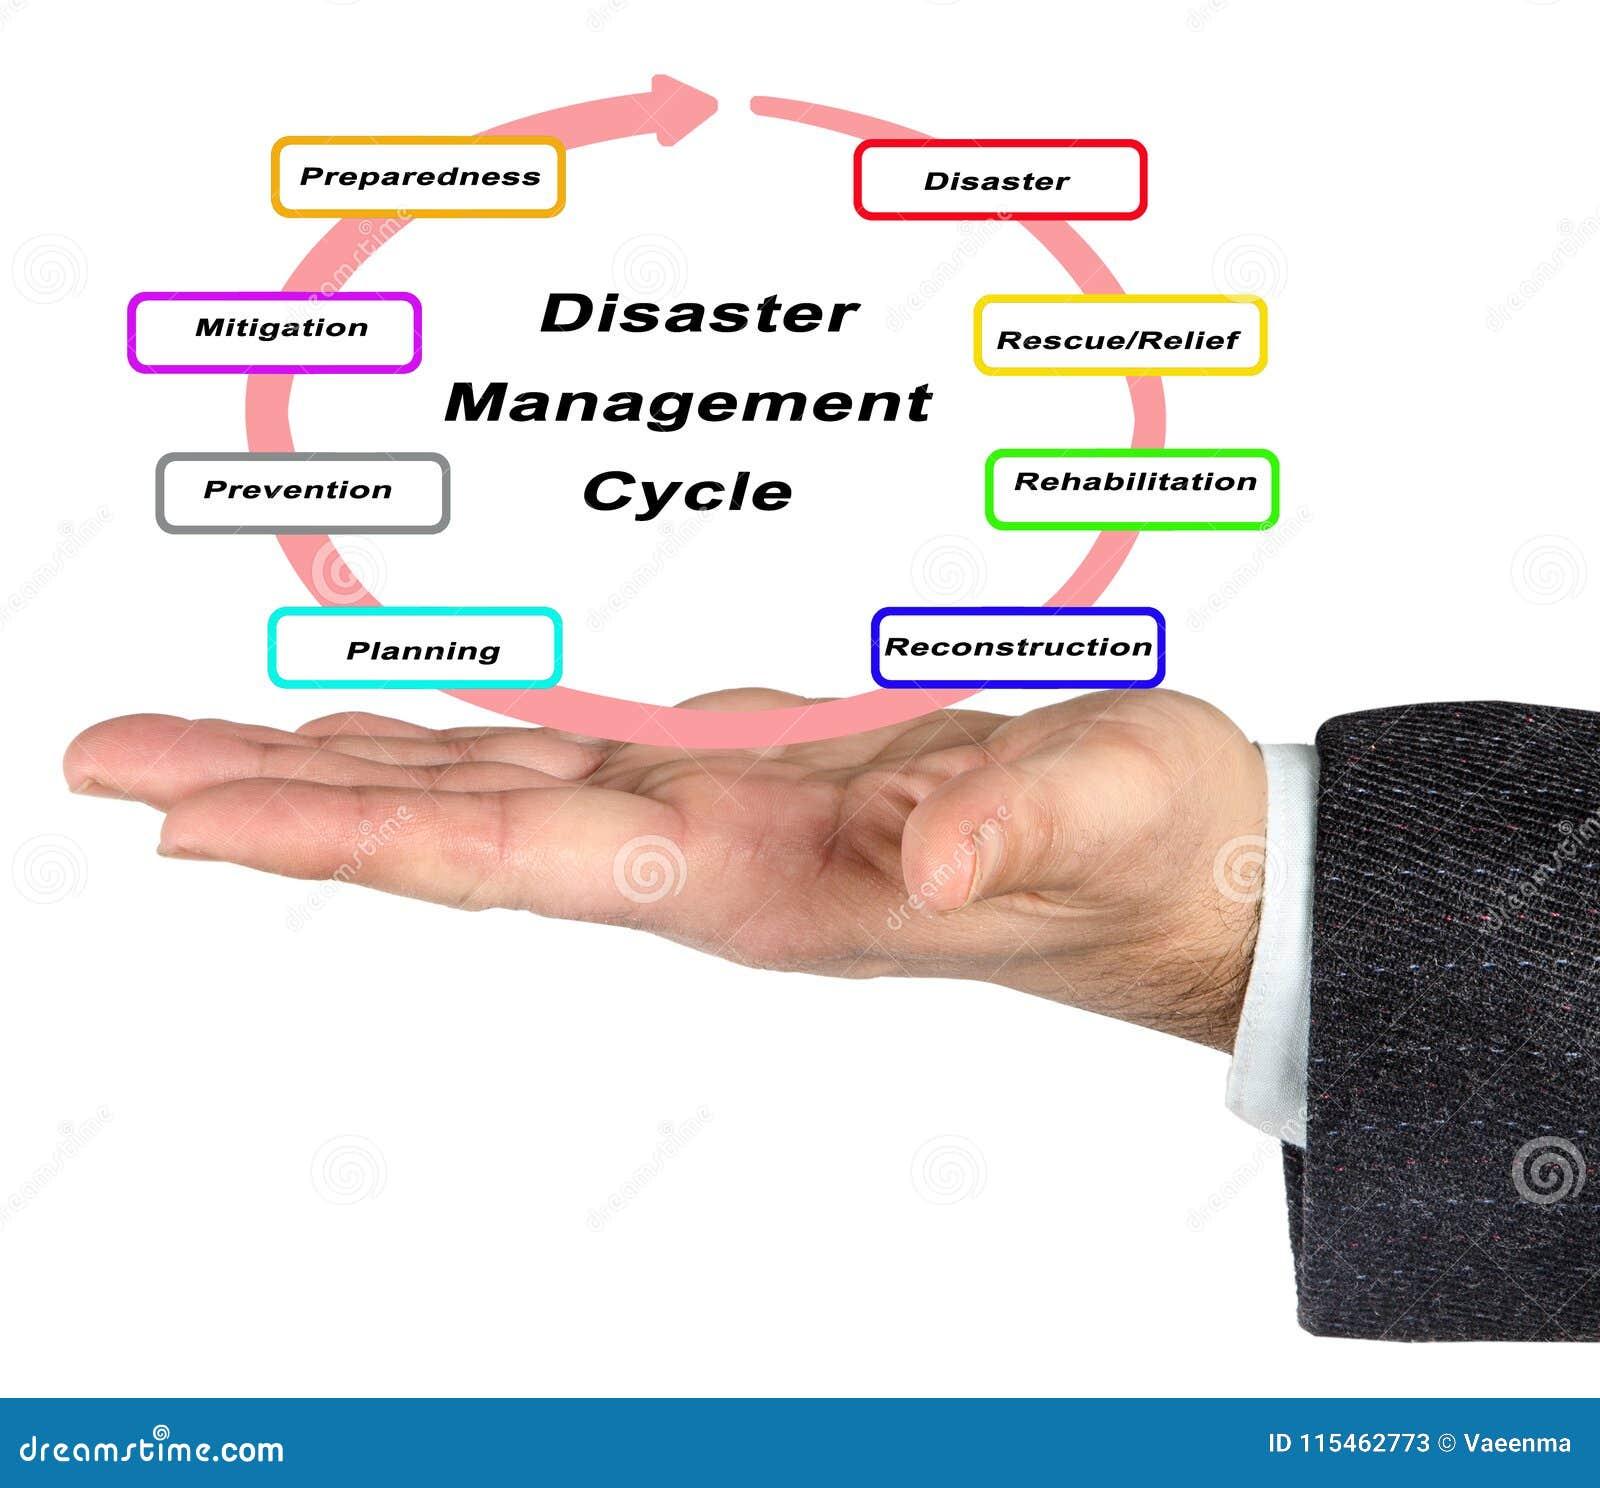 Ciclo di gestione dei disastri